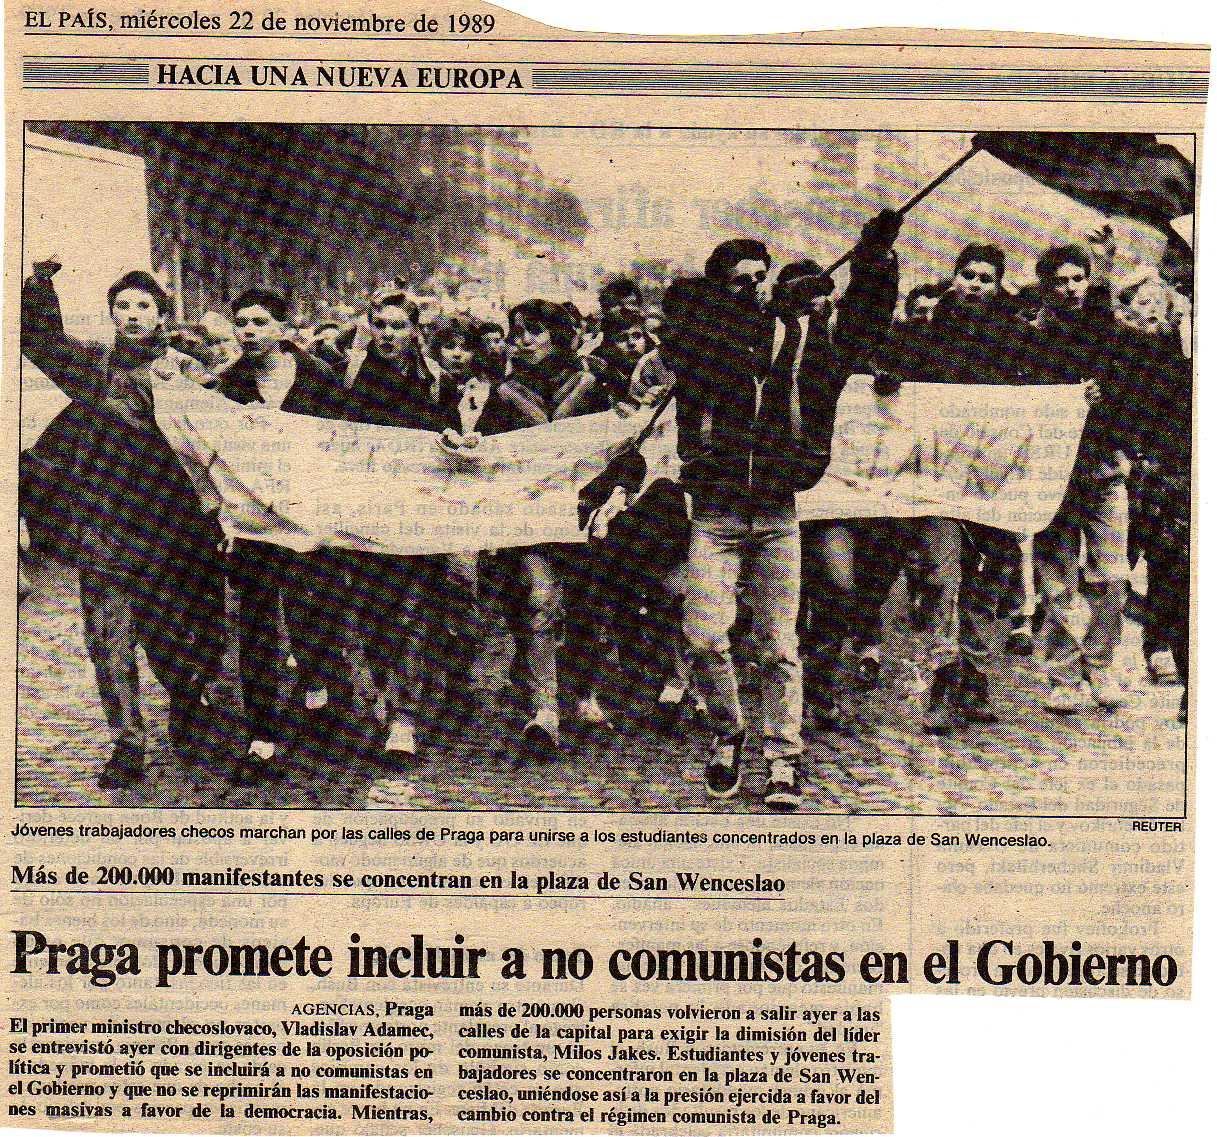 20 de noviembre de 1989: